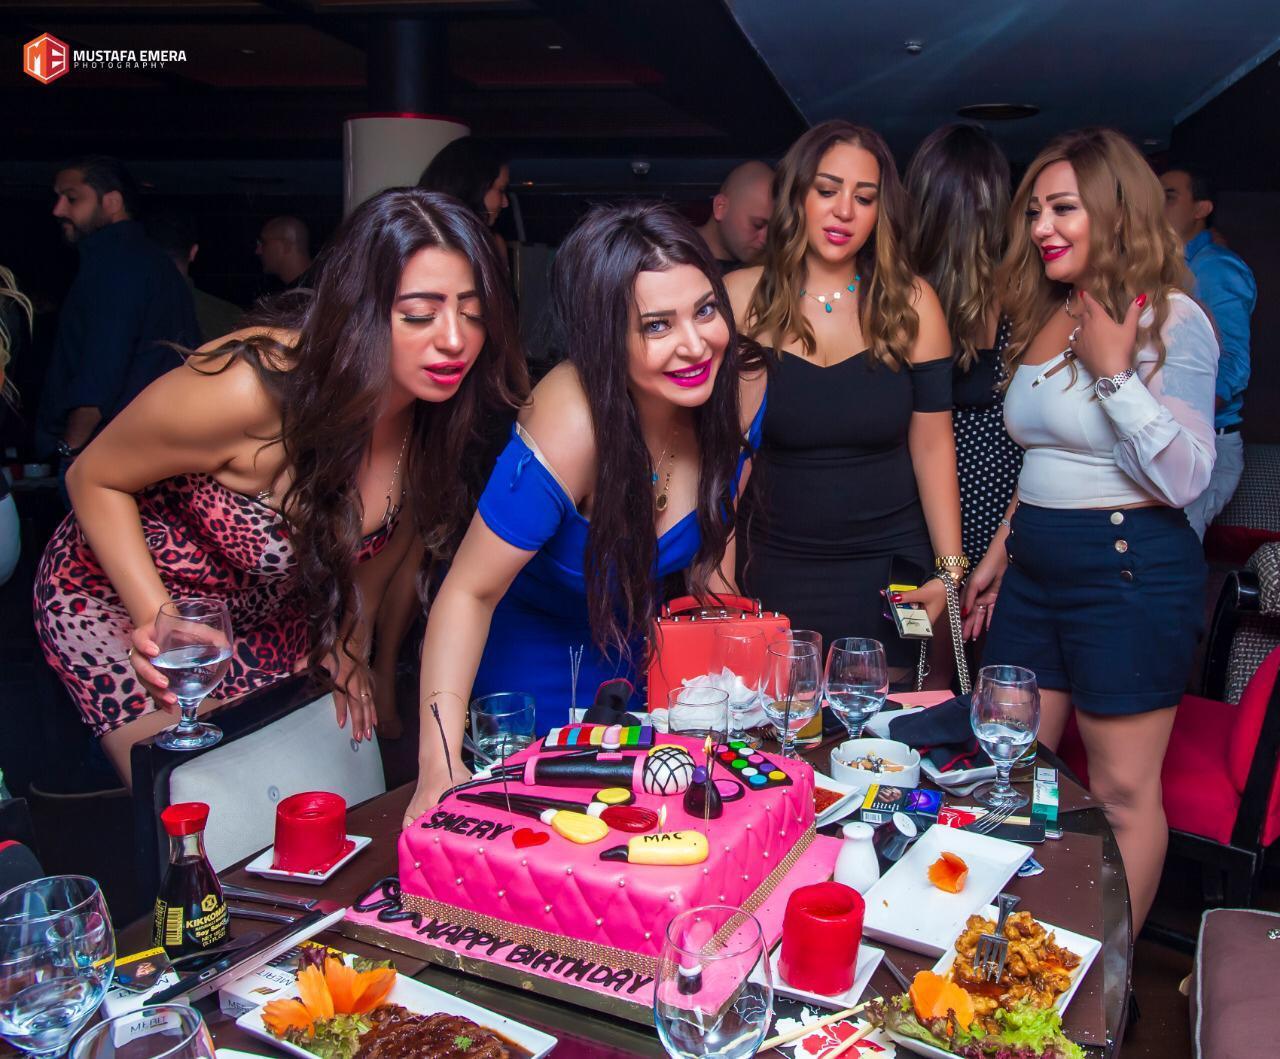 الإعلامية شيري عبدالله تحتفل بعيد ميلادها